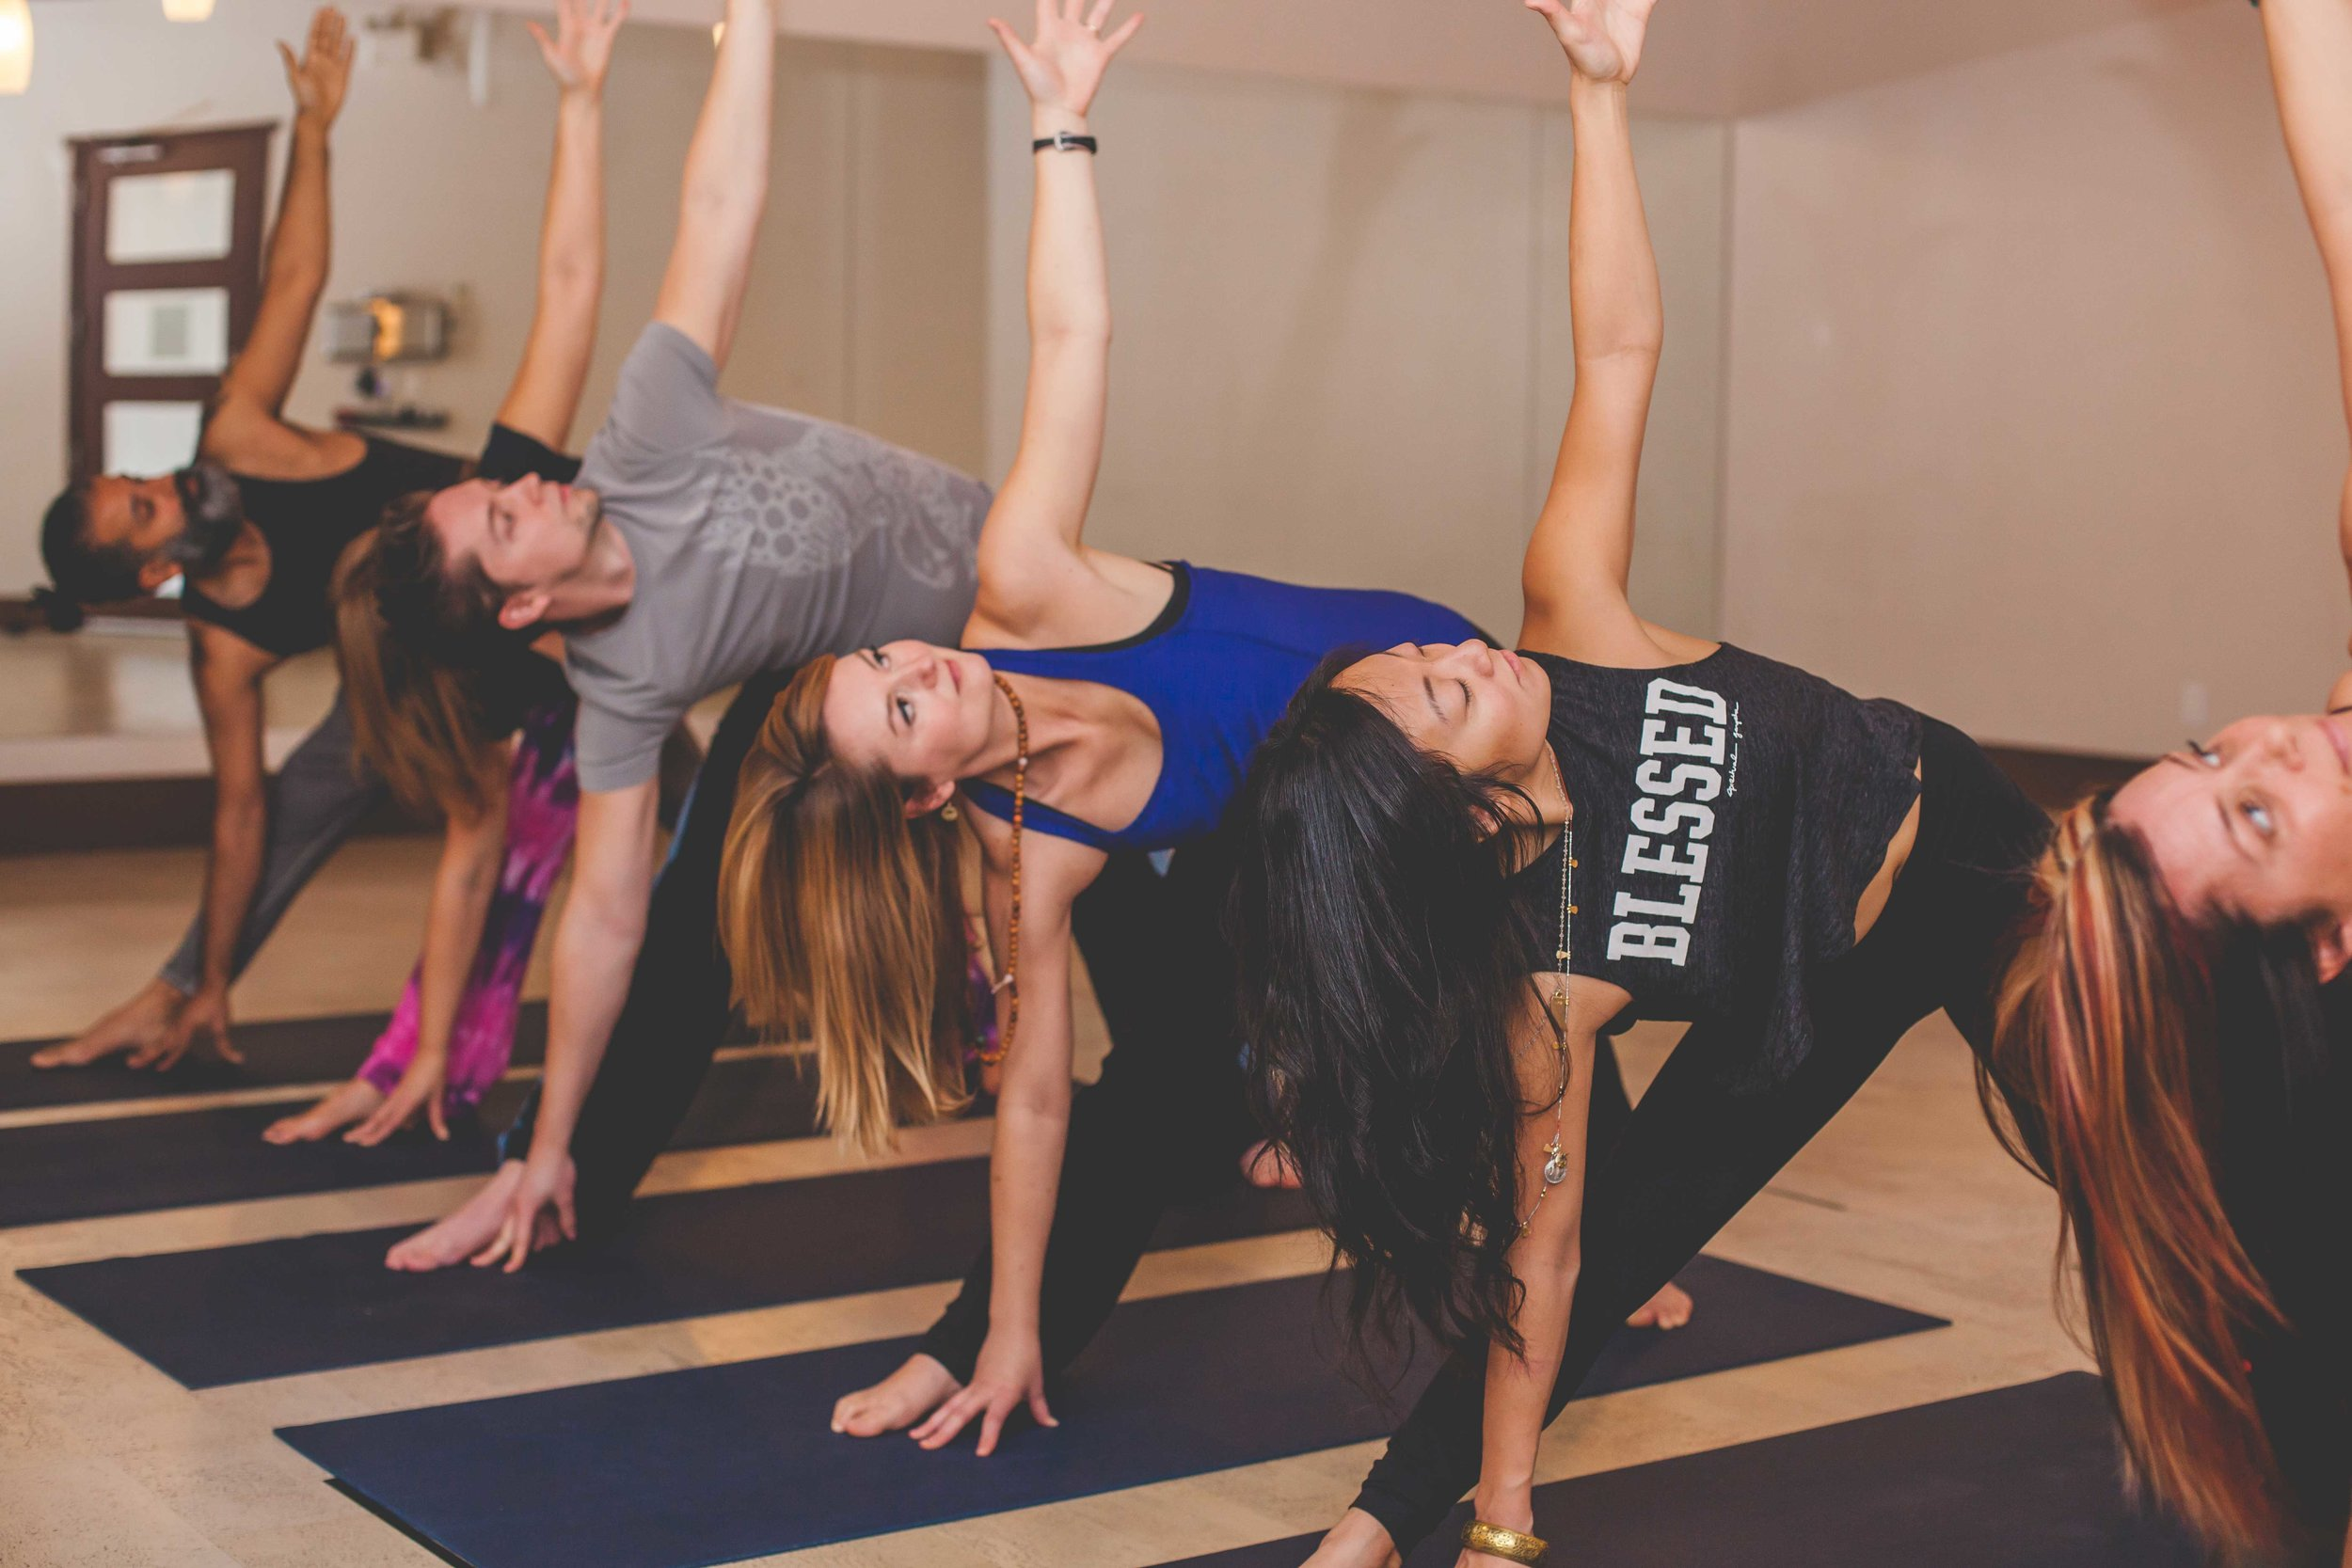 edmonton-yeg-yoga-3.jpg